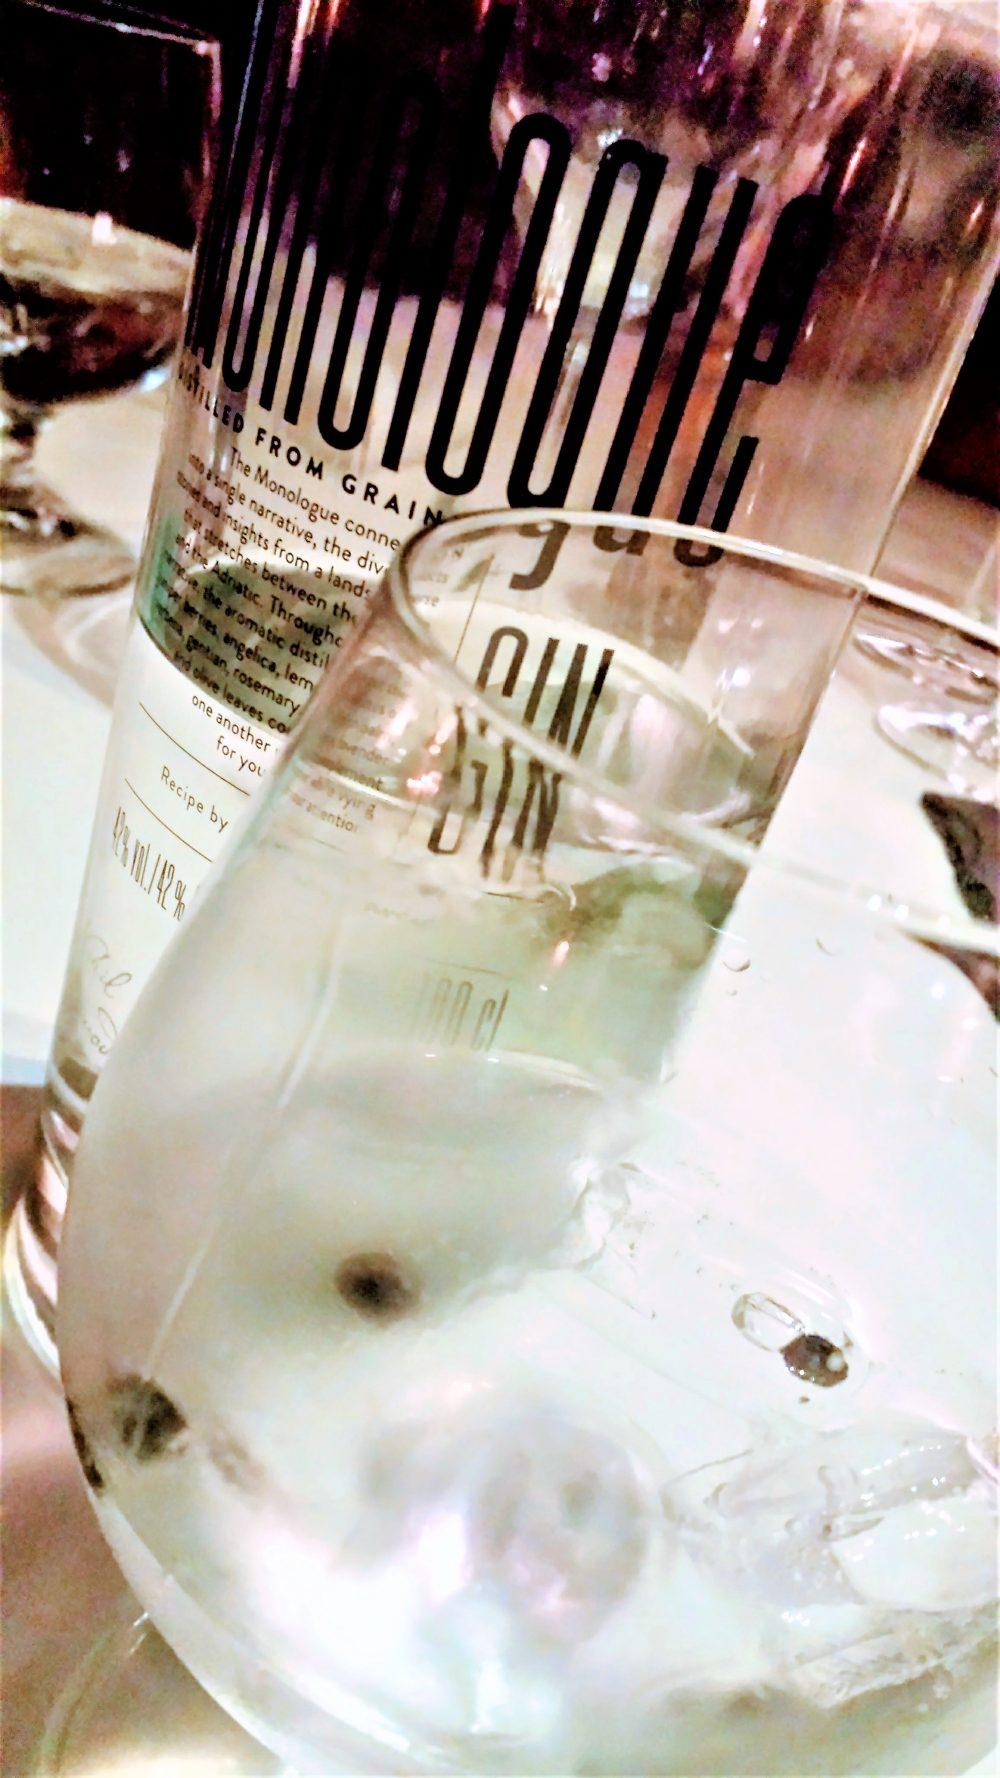 Pri Lojzetu, Gin Monologue